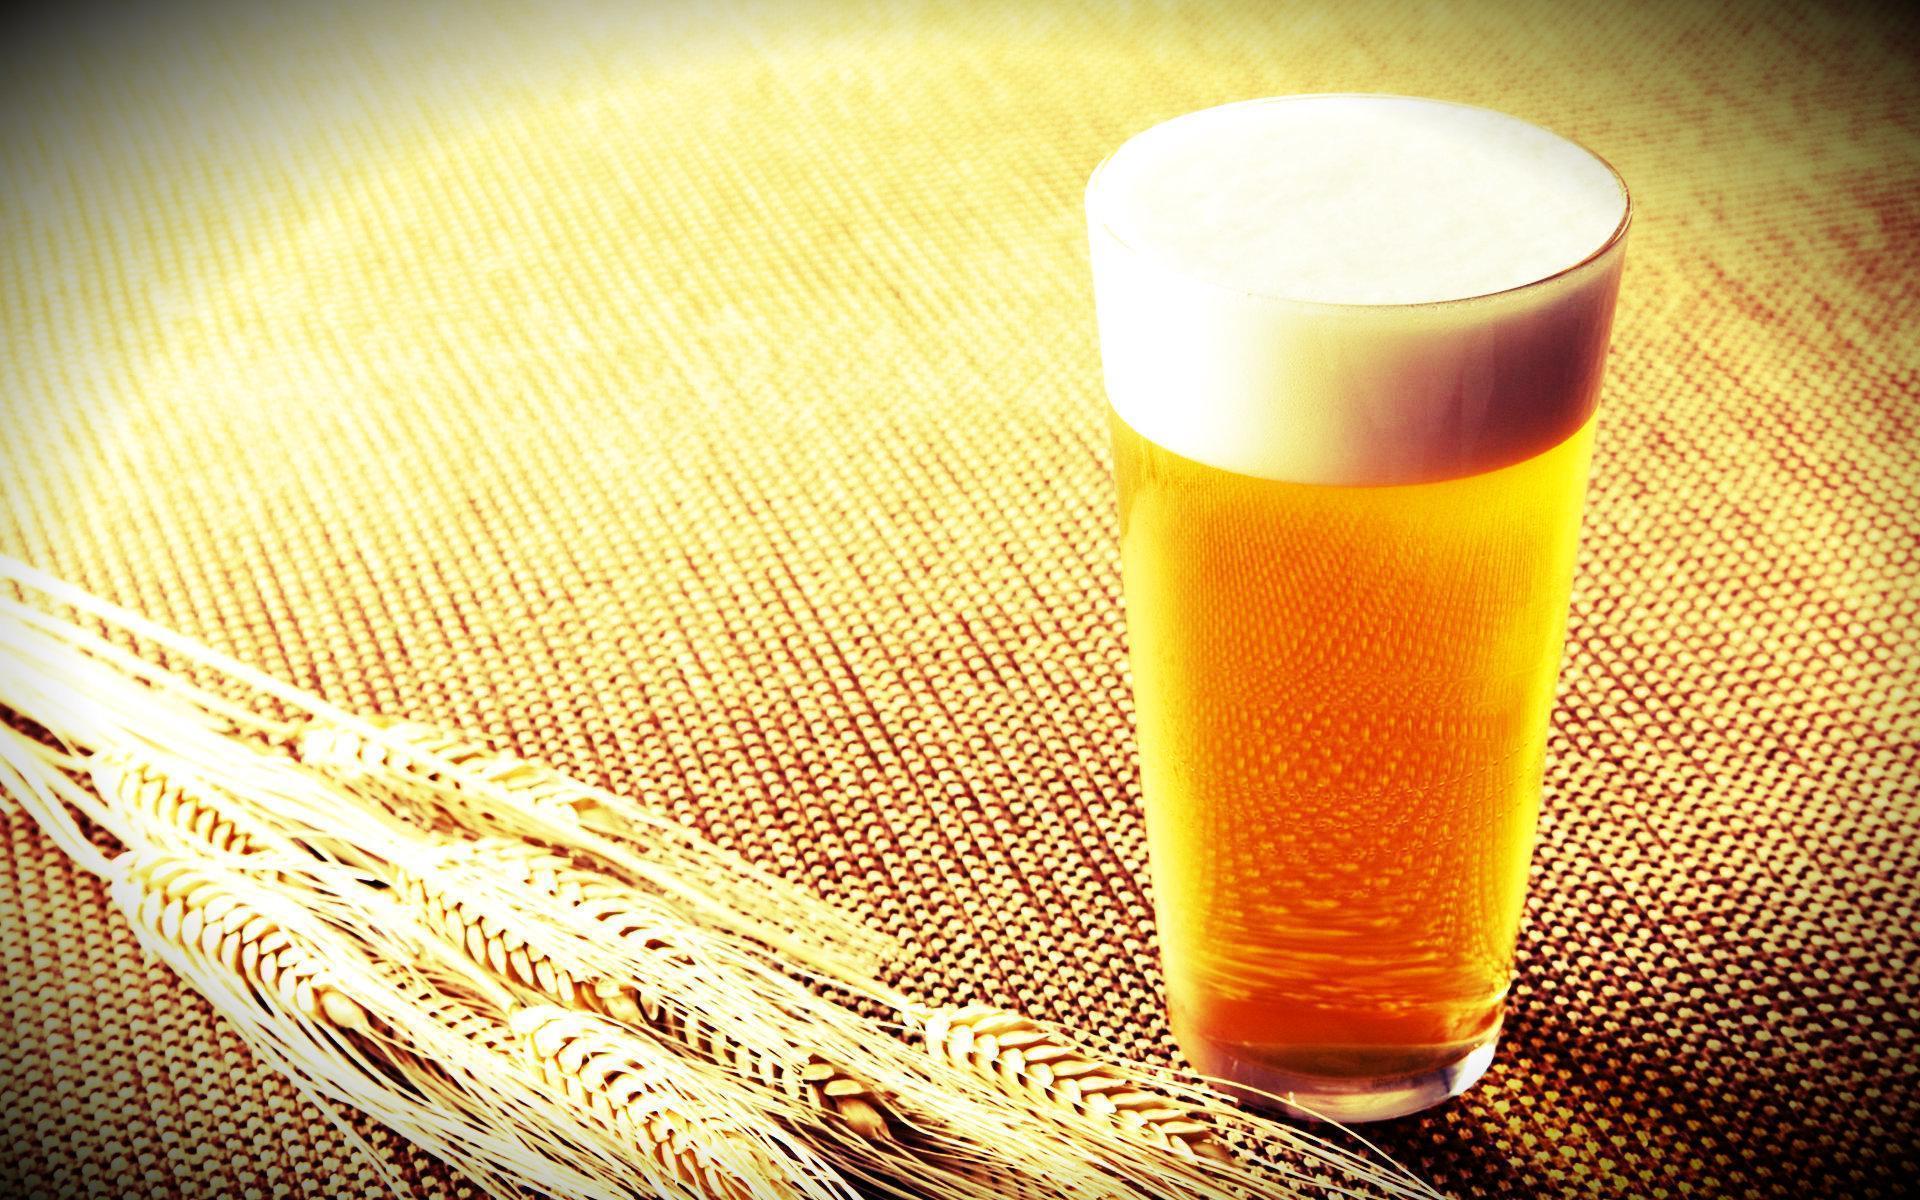 Saiba Quais As Bebidas Que Se Deve Consumir Com Moderação